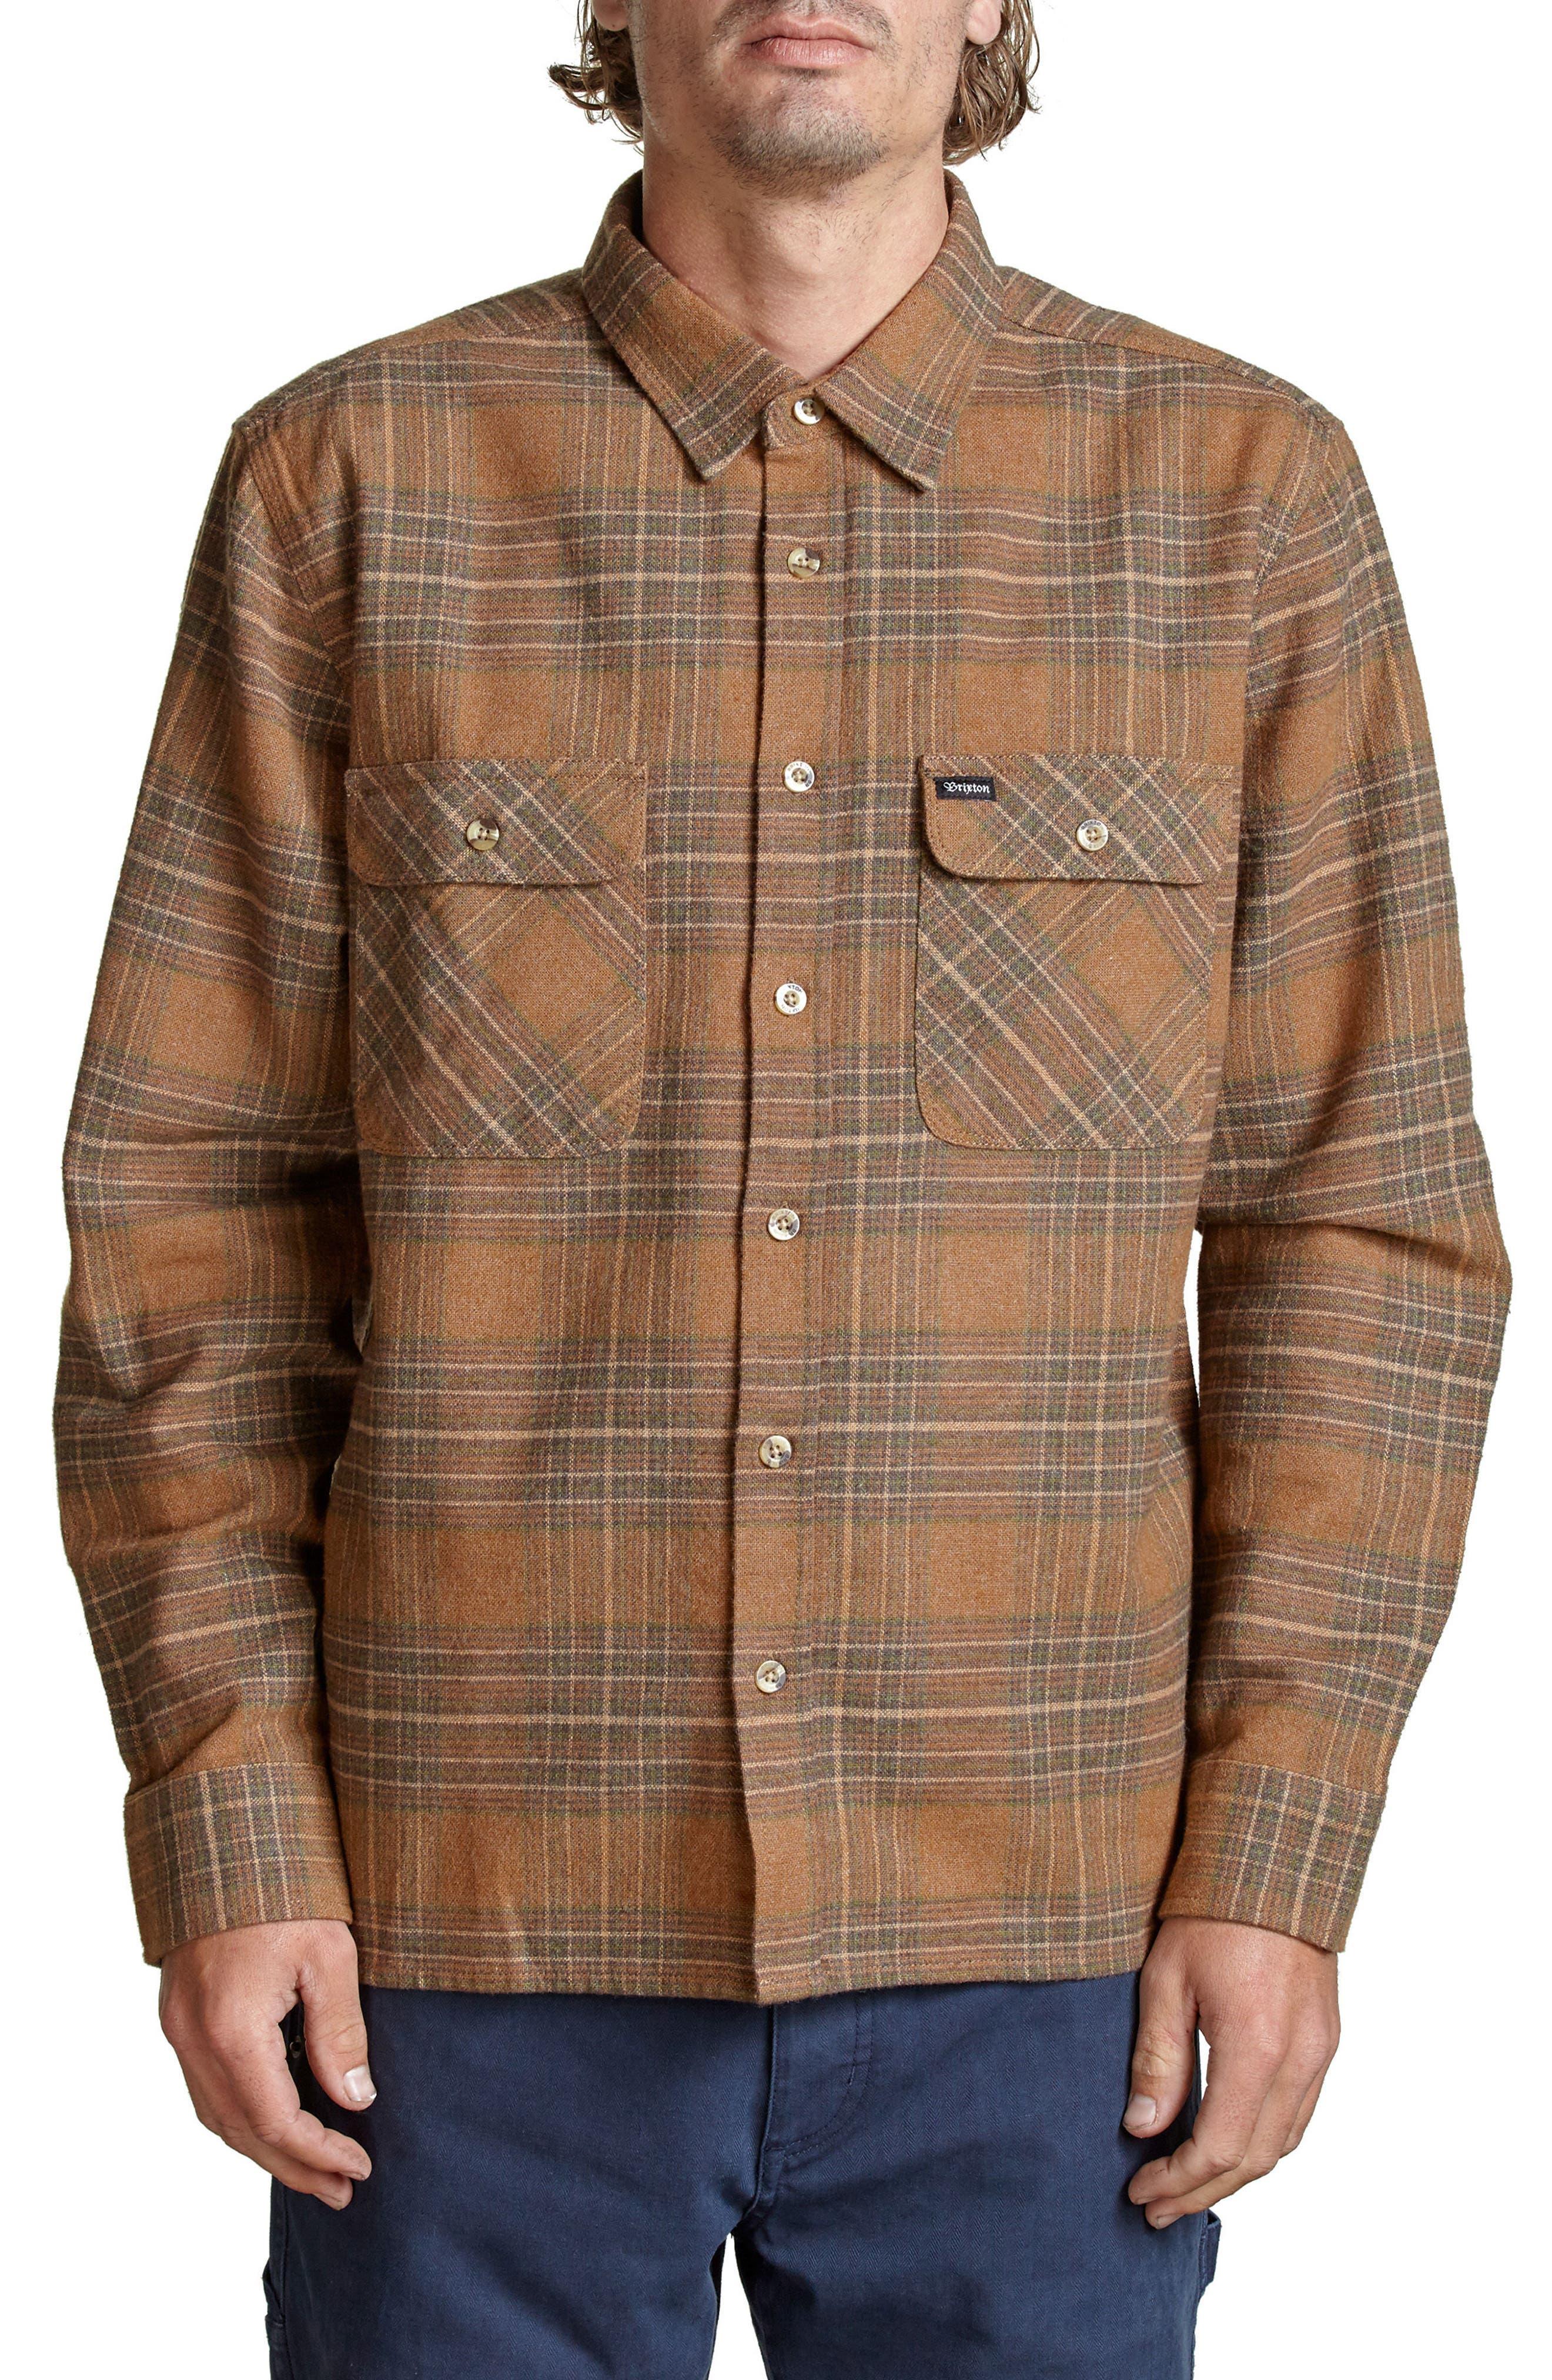 BRIXTON Archie Plaid Flannel Shirt